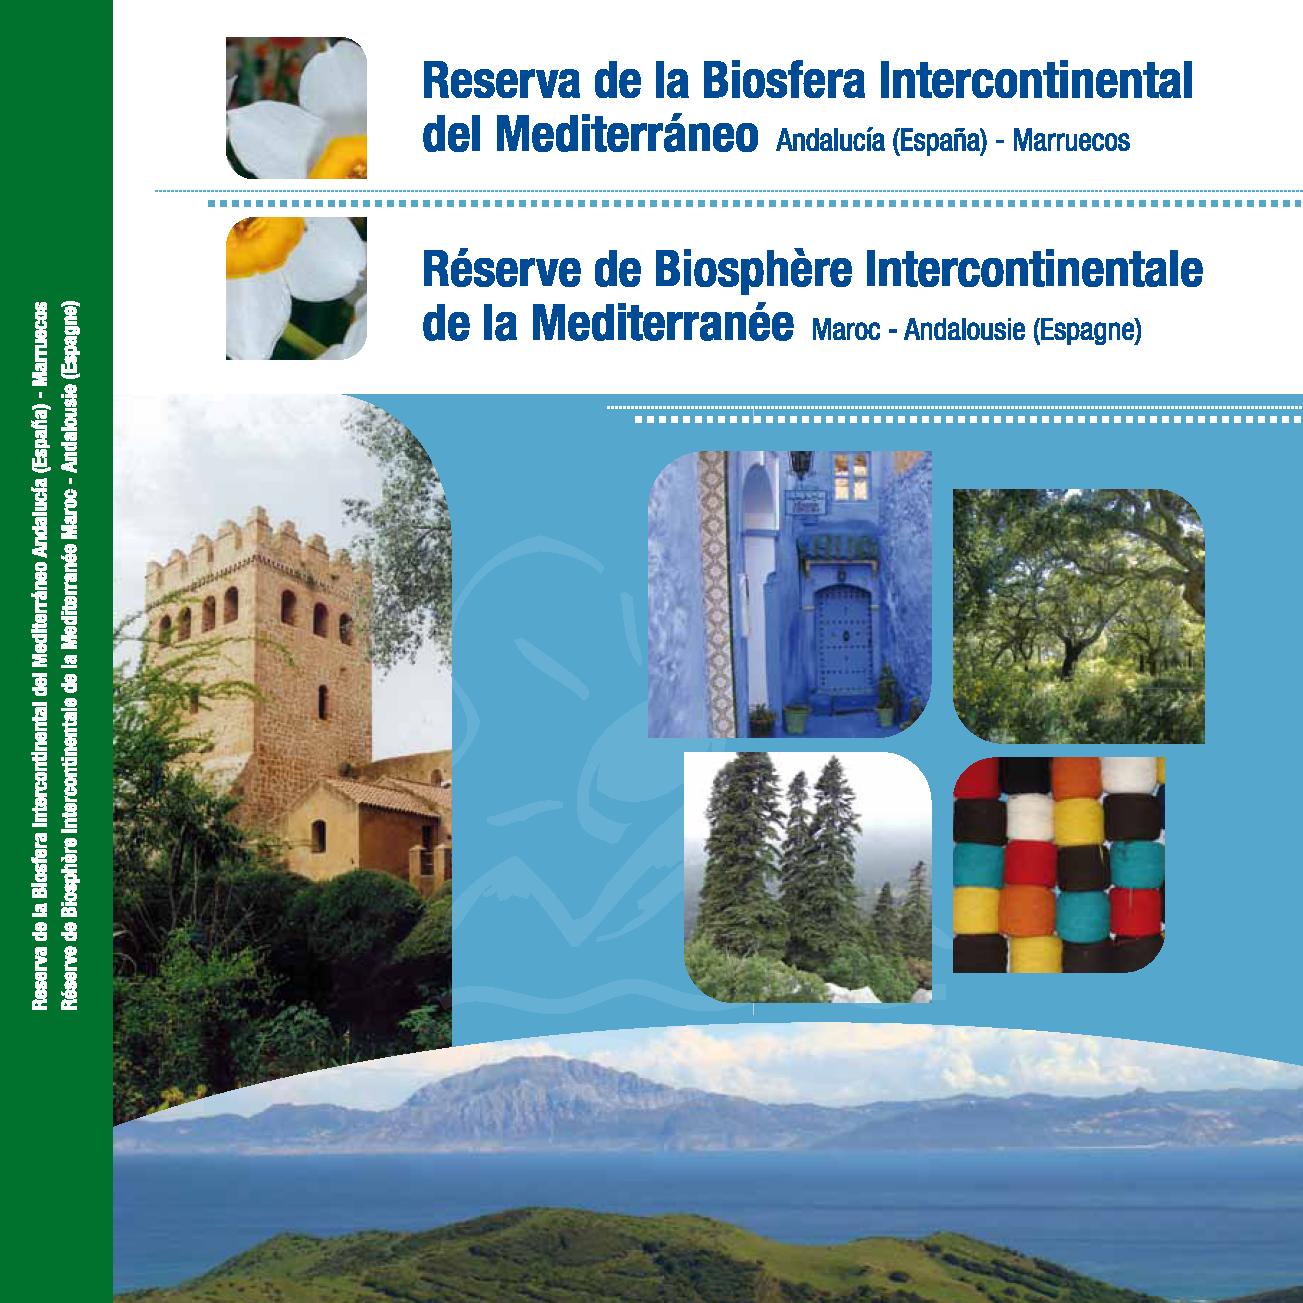 Reserva de la Biosfera Intercontinental del Mediterráneo. Andalucía (España) - Marruecos (2011)